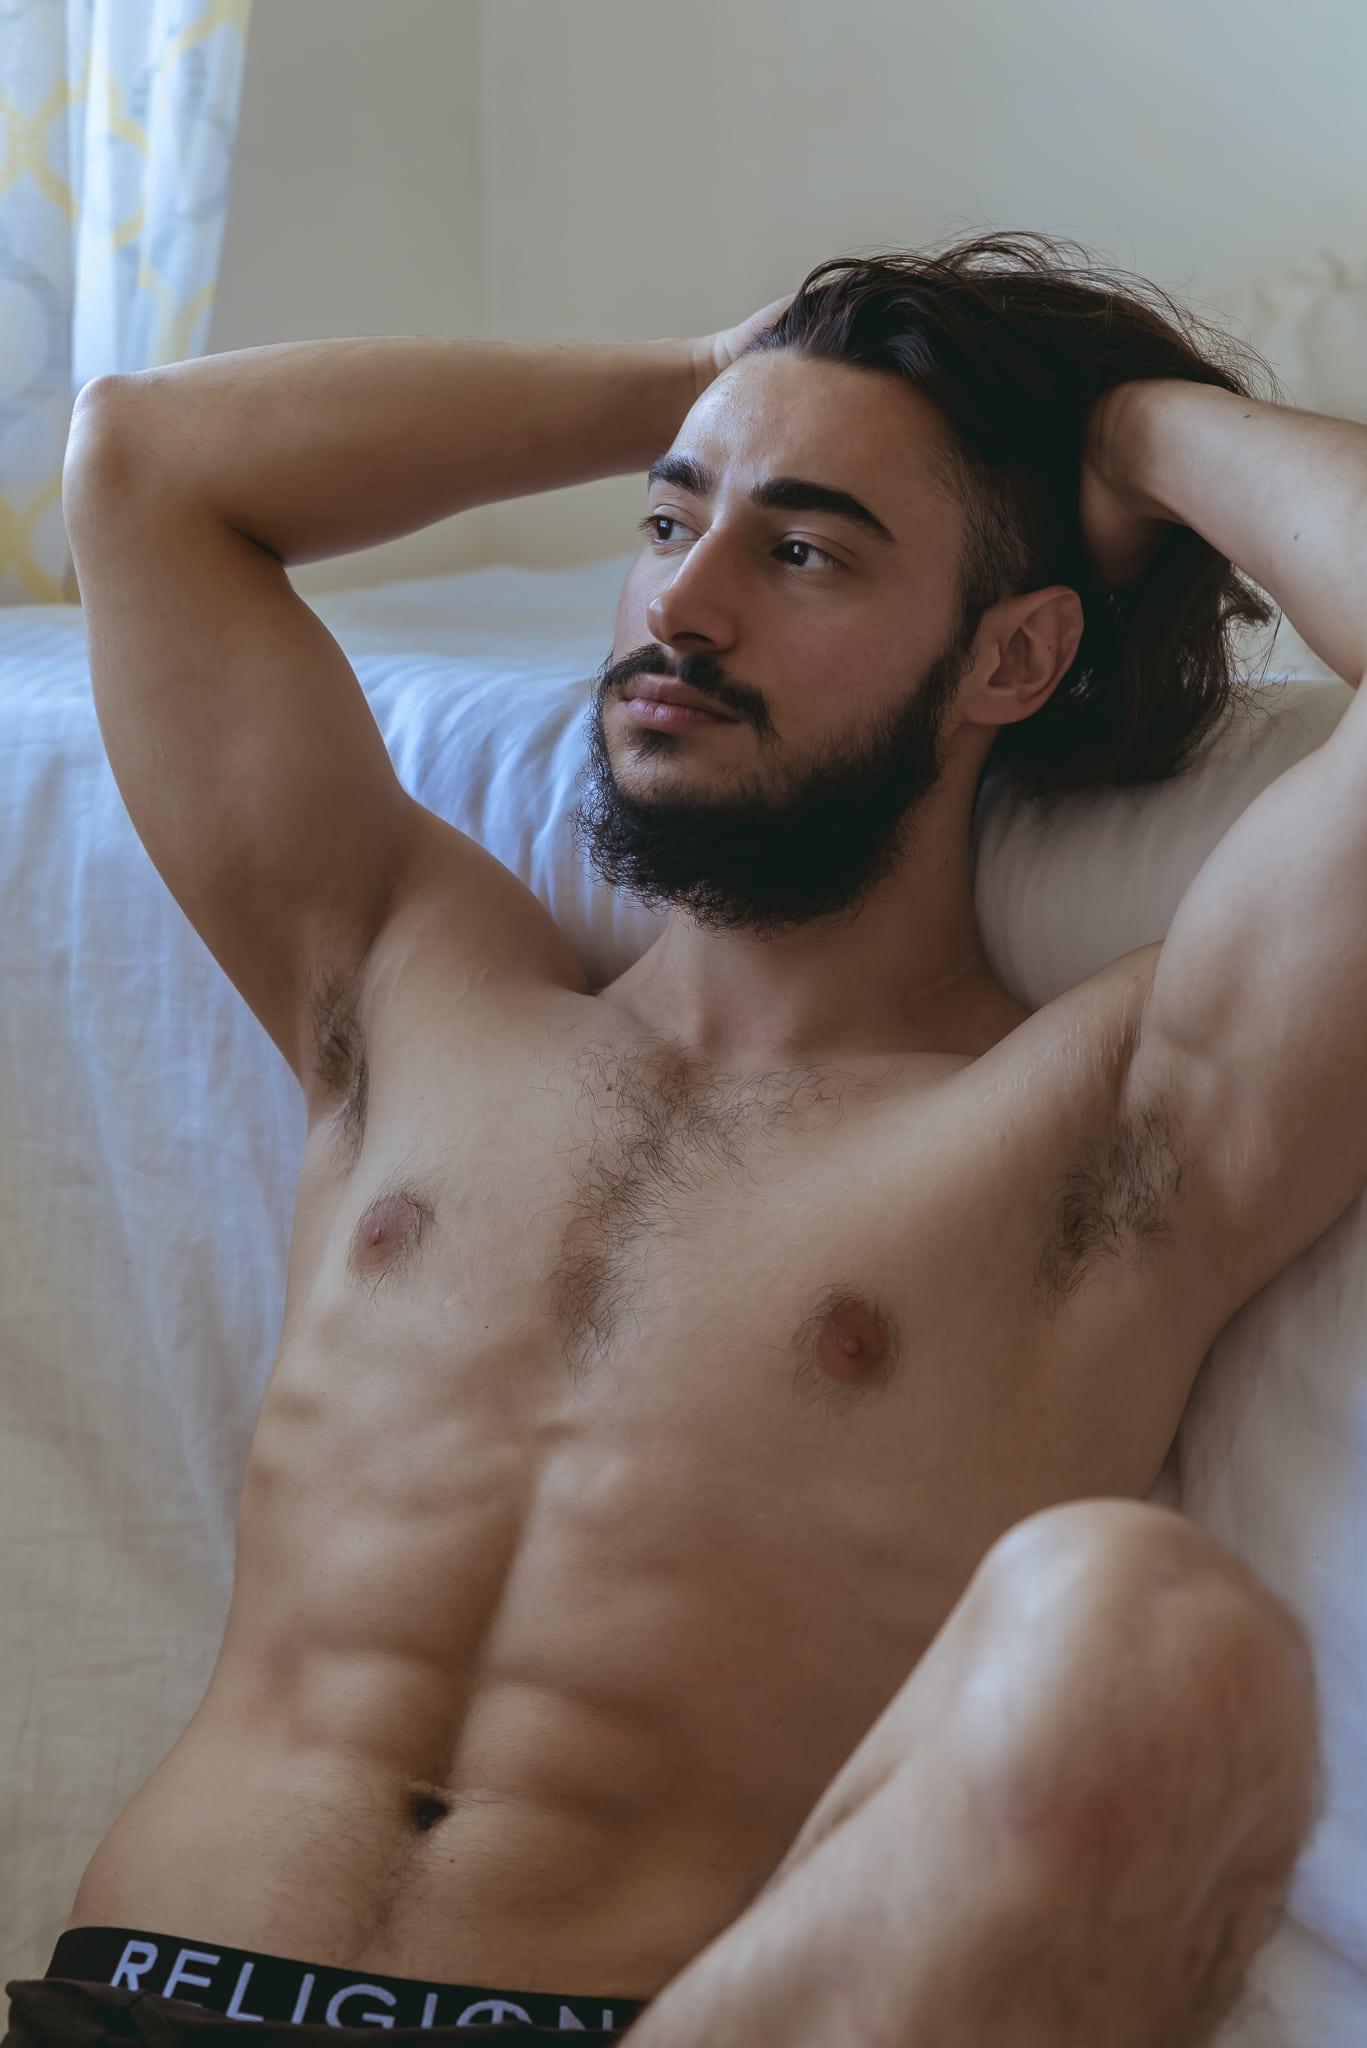 Lonodn boudoir photo shoot-12